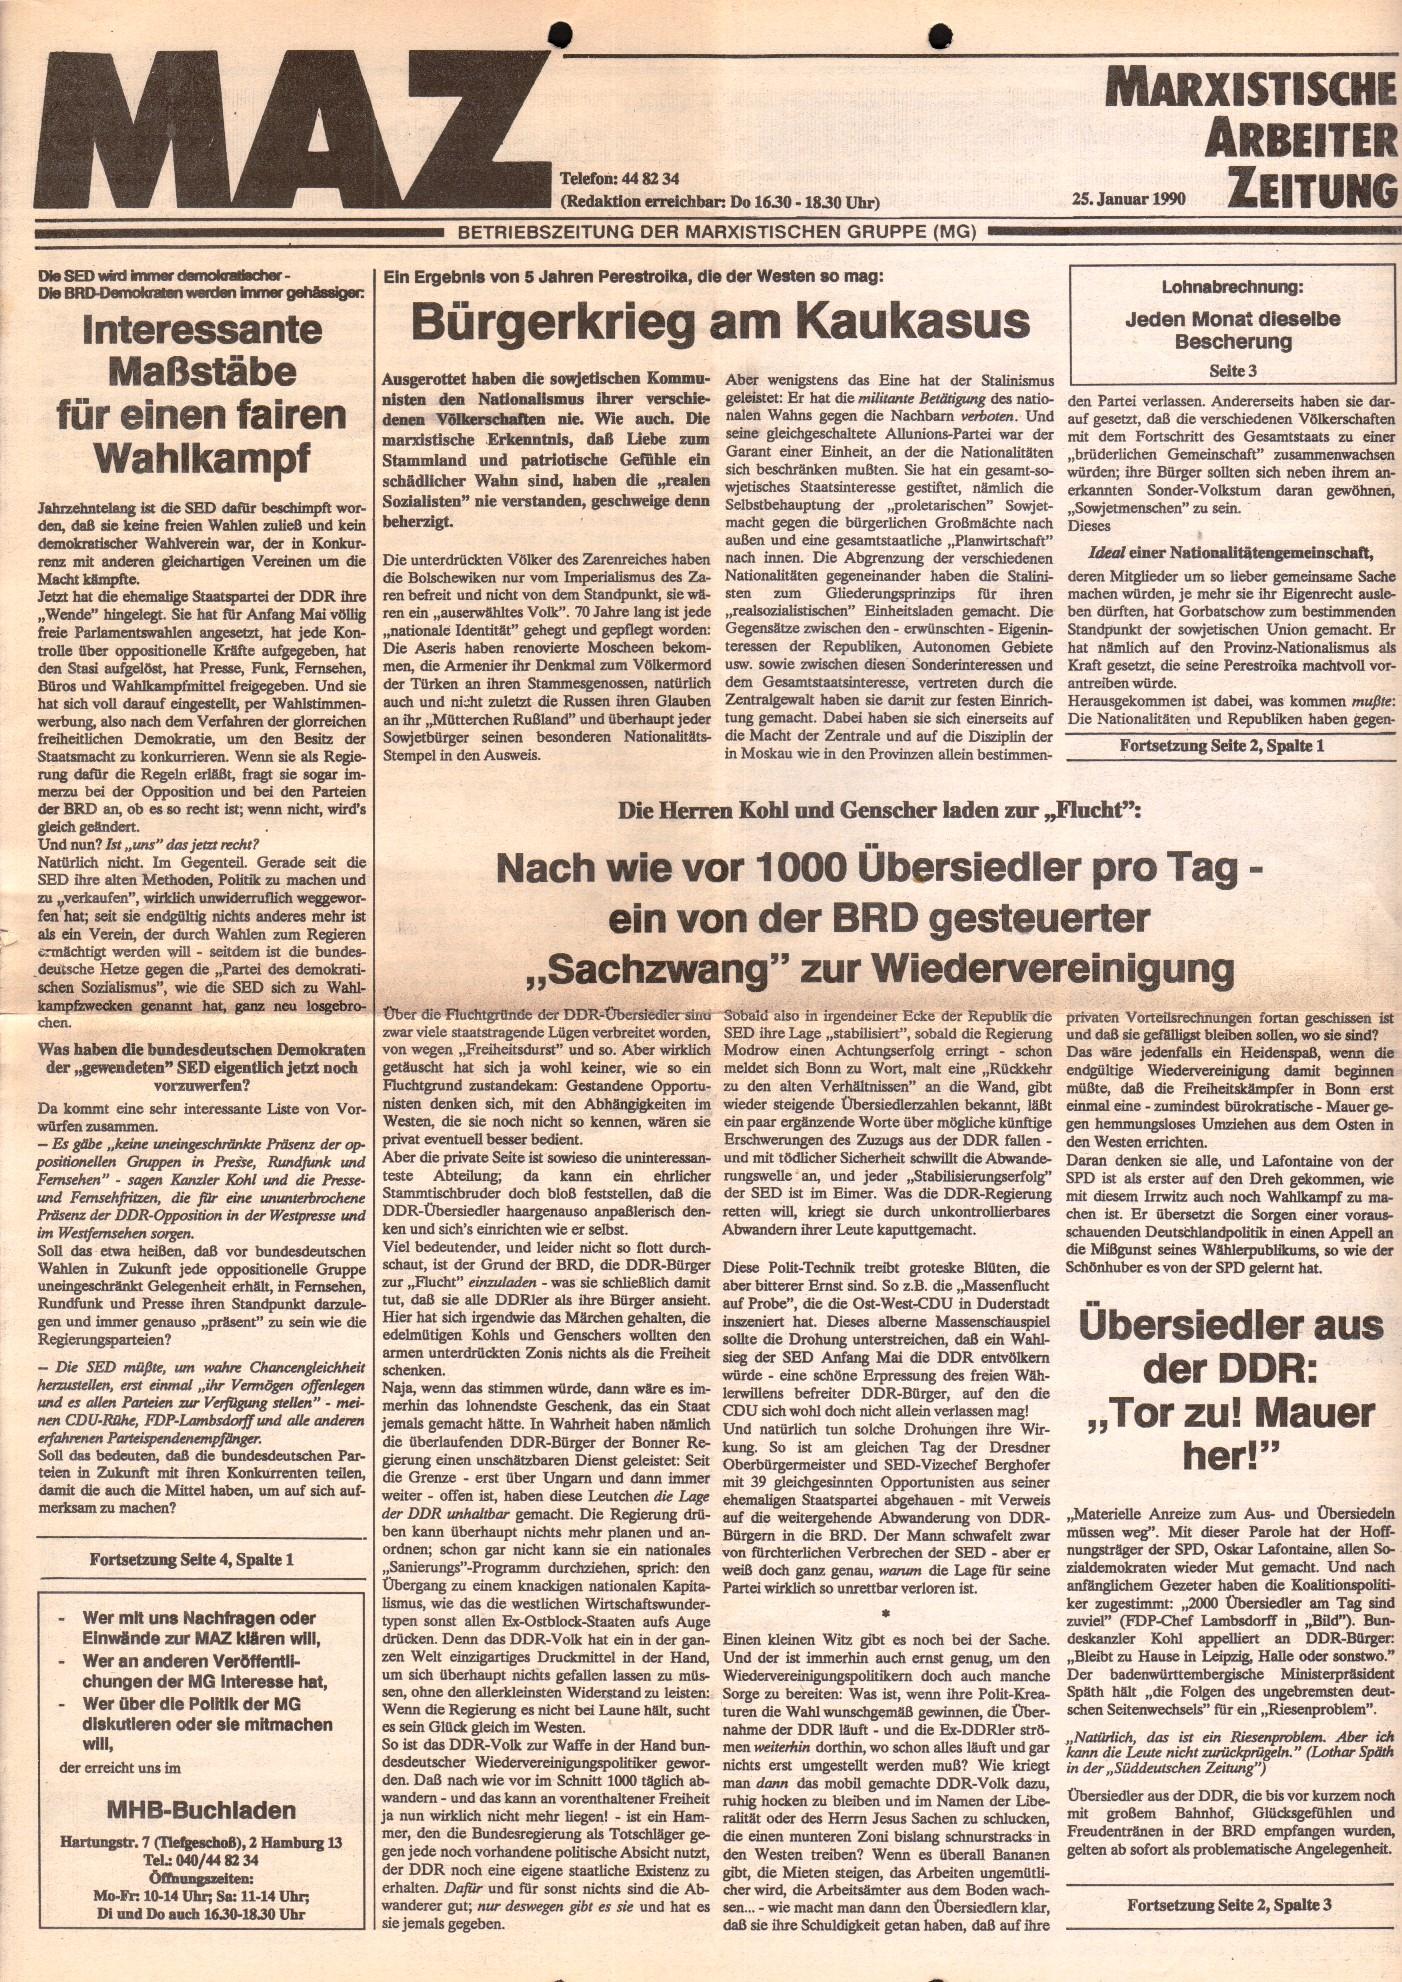 Hamburg_MG_MAZ_19900125_01